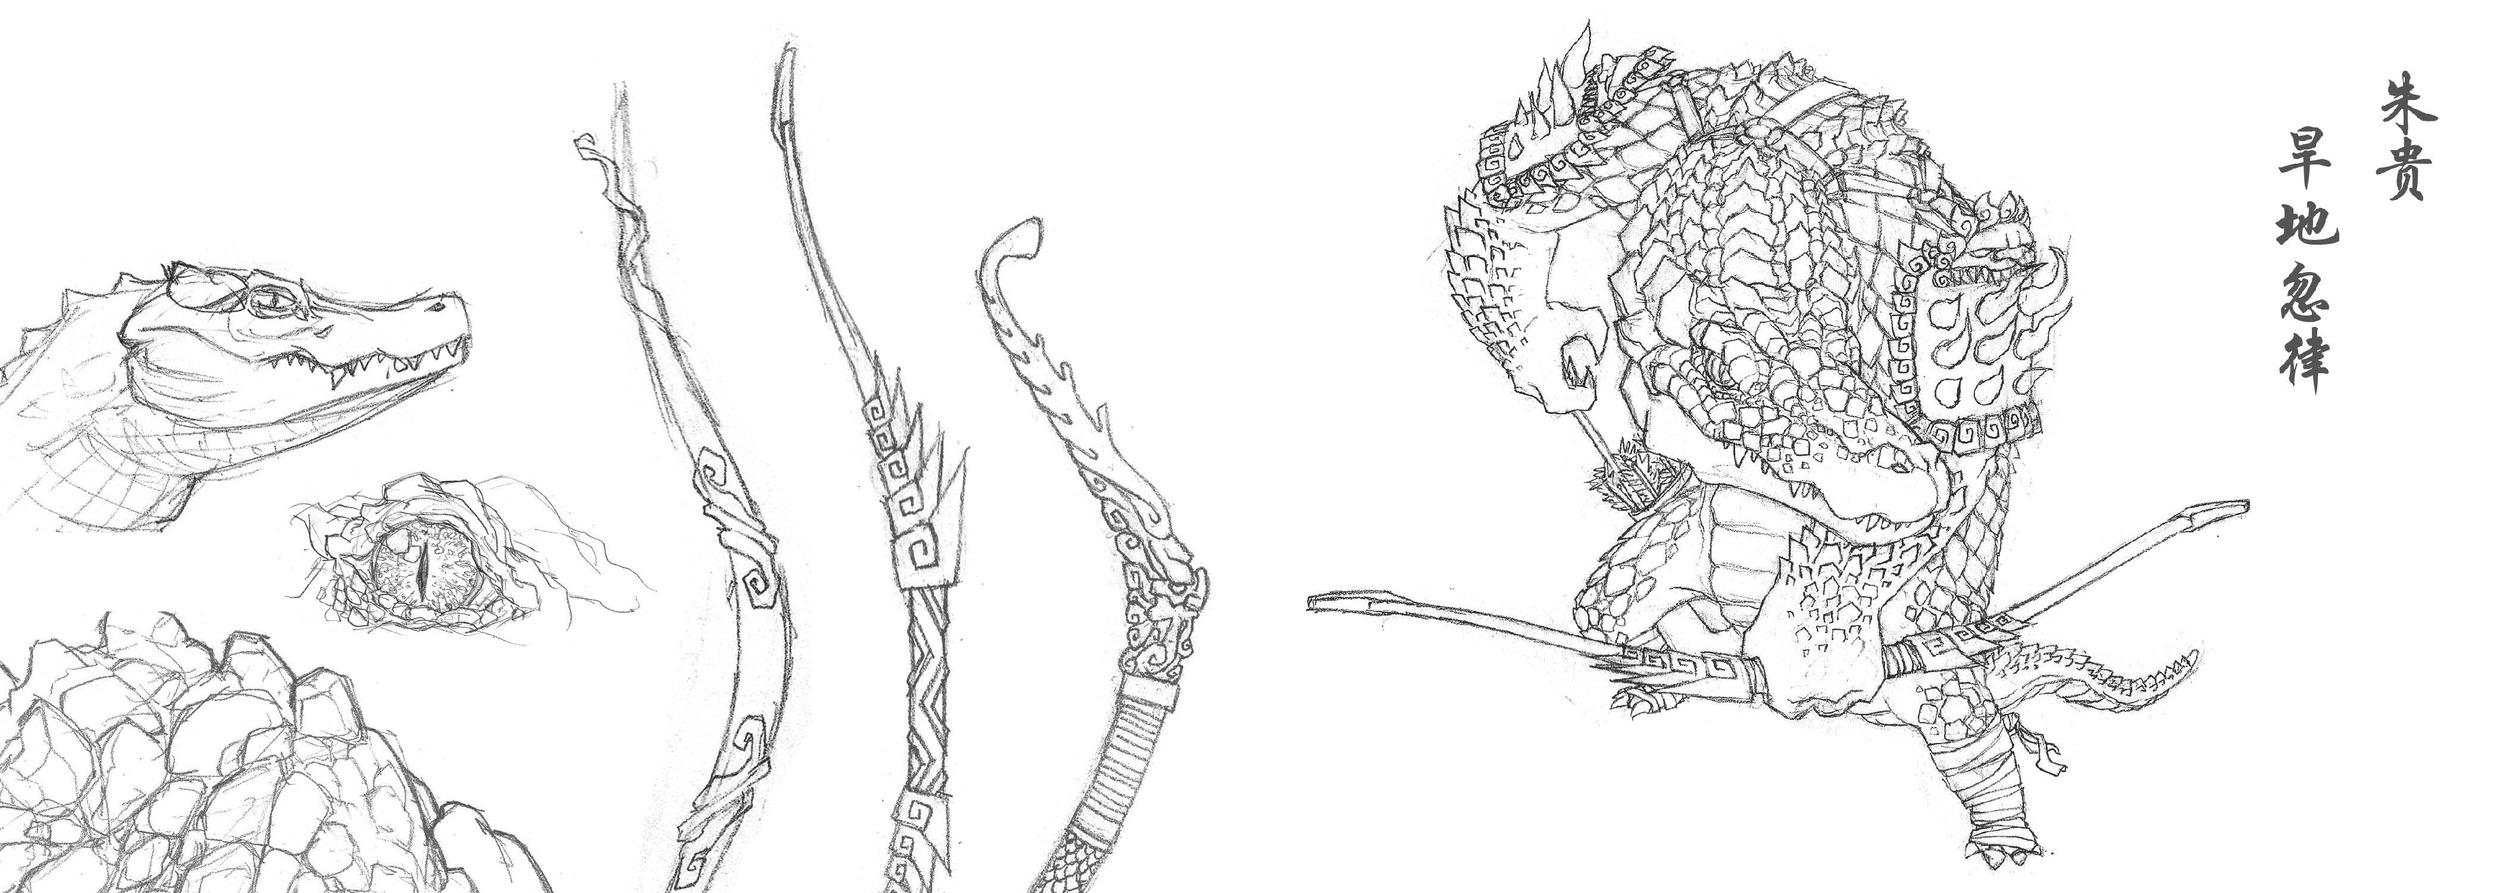 Ivan Louey - Sketch book web_Page_03.jpg